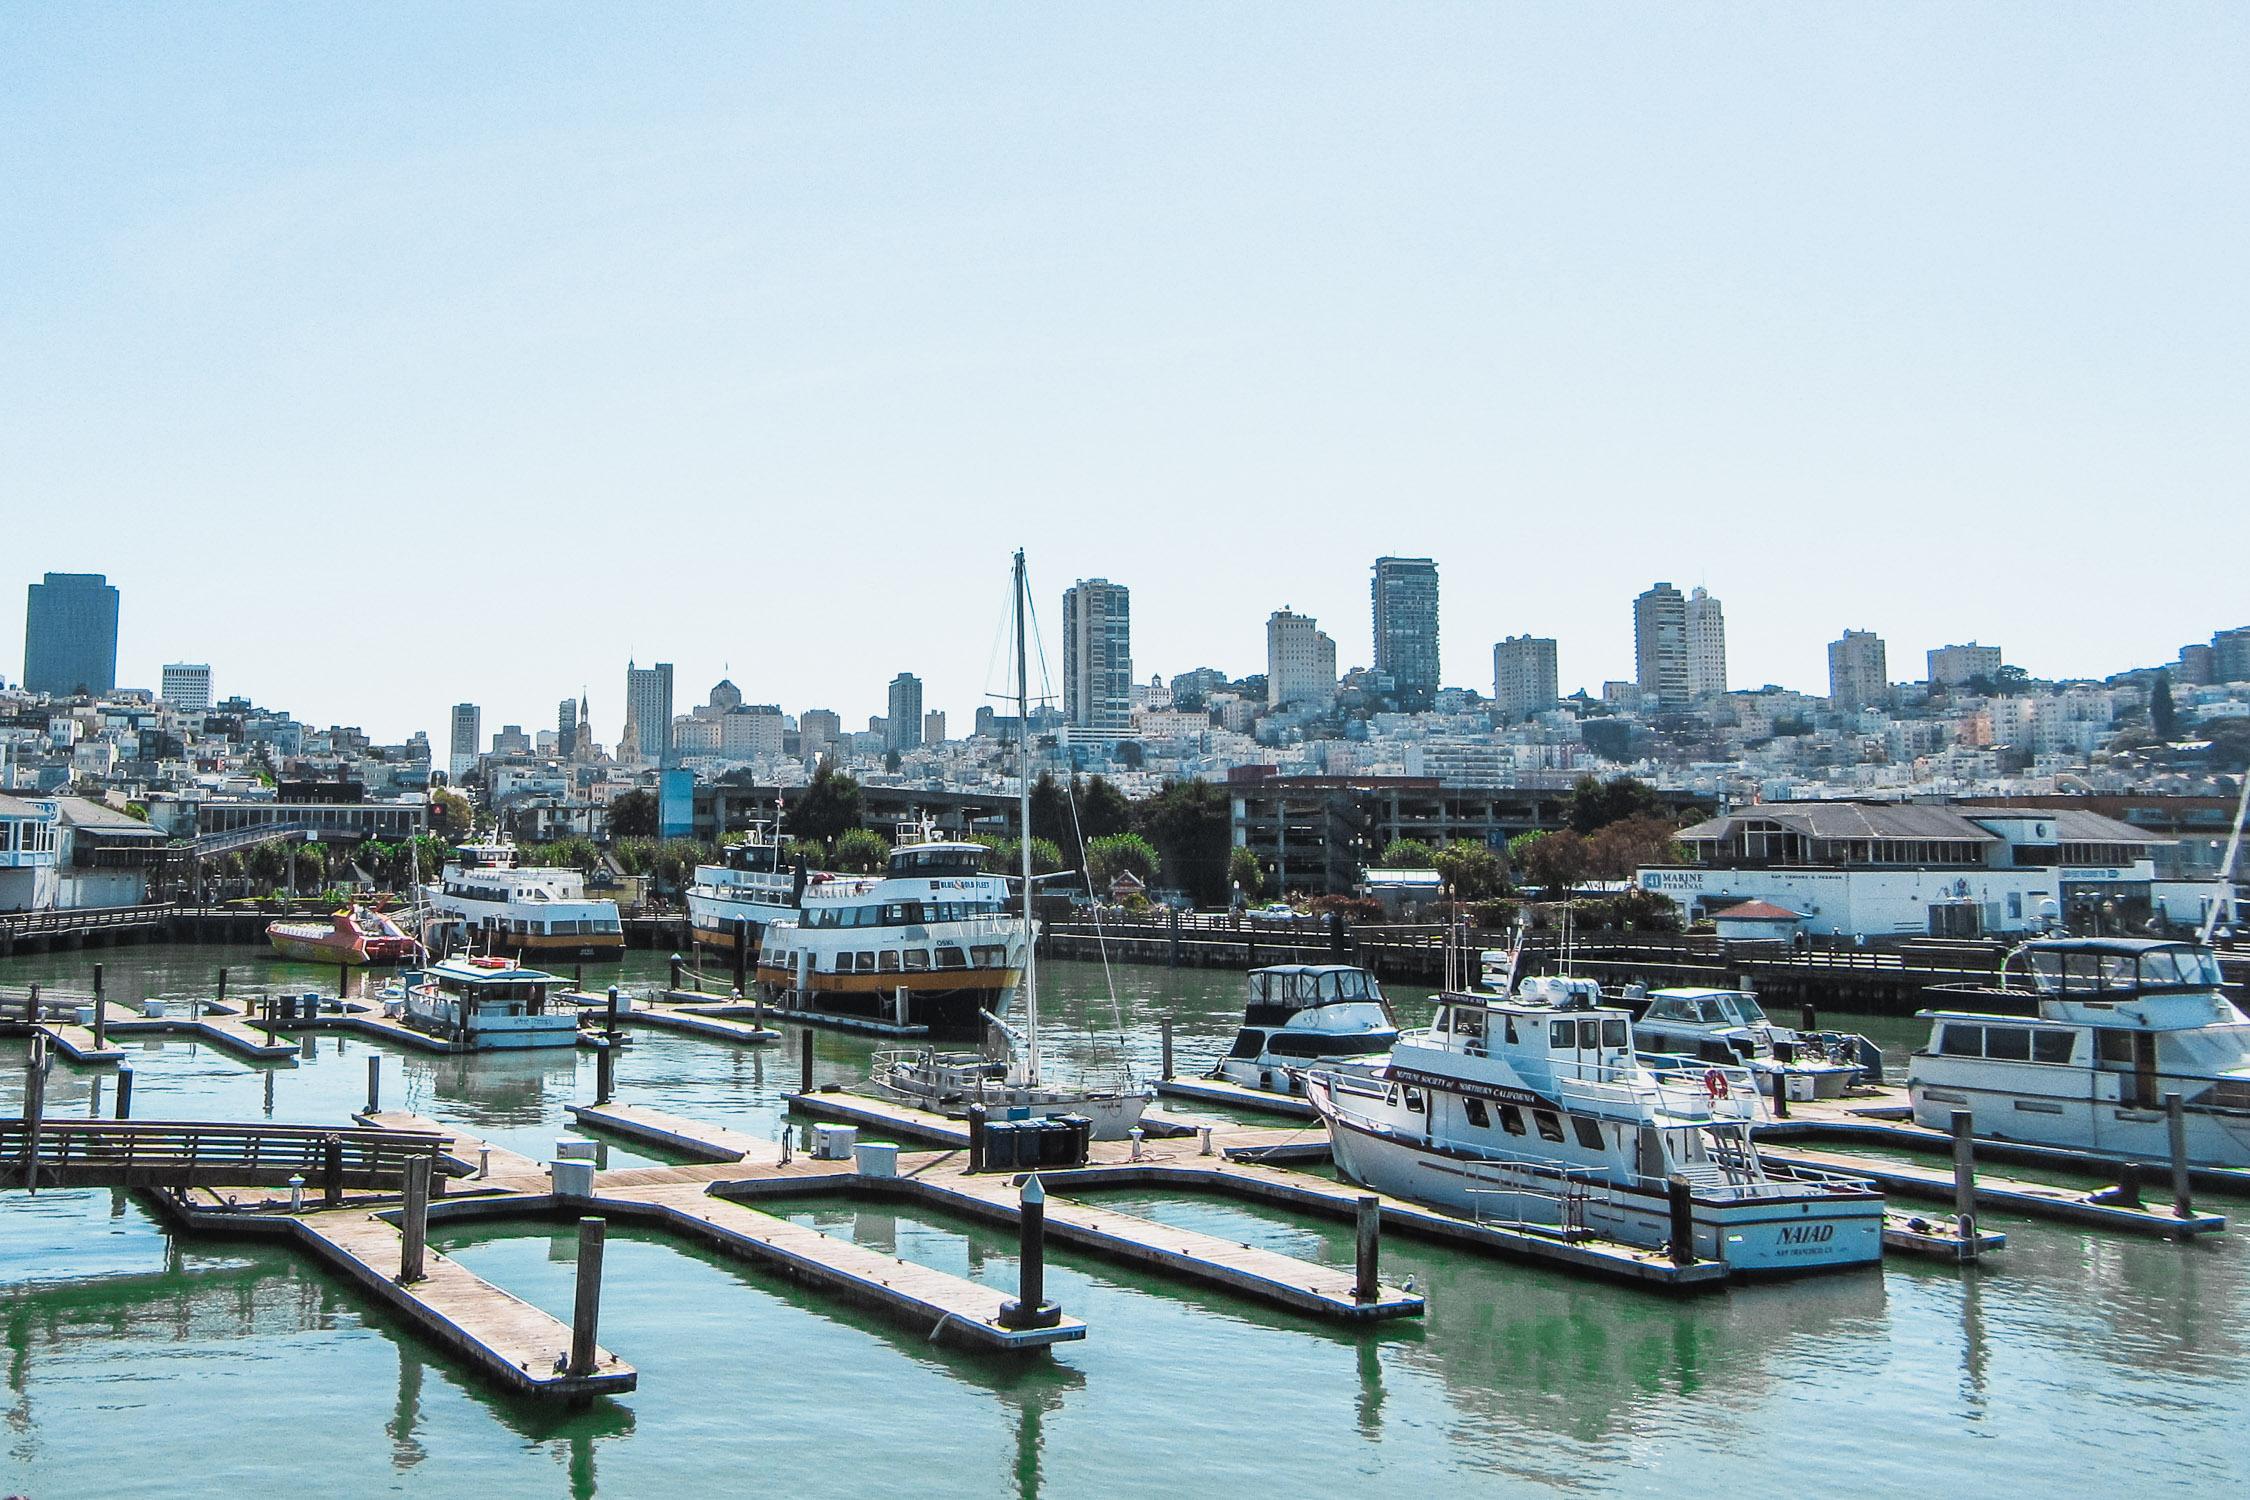 Hafen mit Booten San Francisco